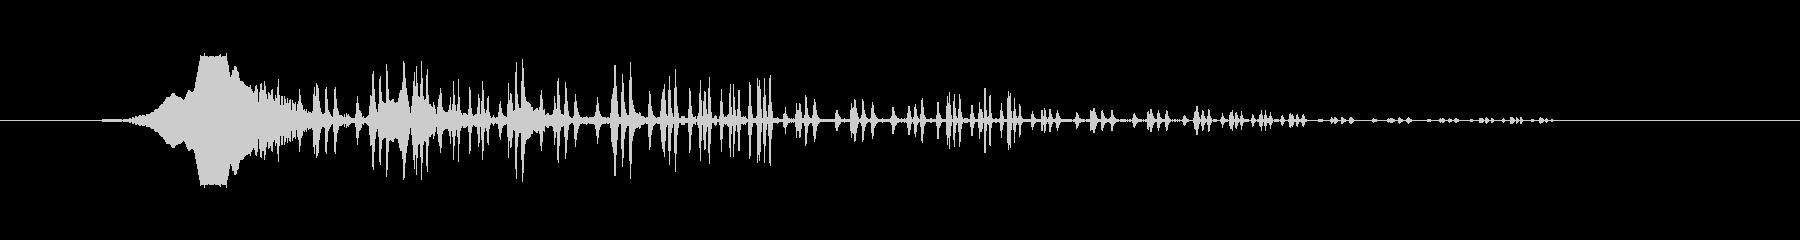 ヒューンビヨビヨ(浮き出るような音)の未再生の波形